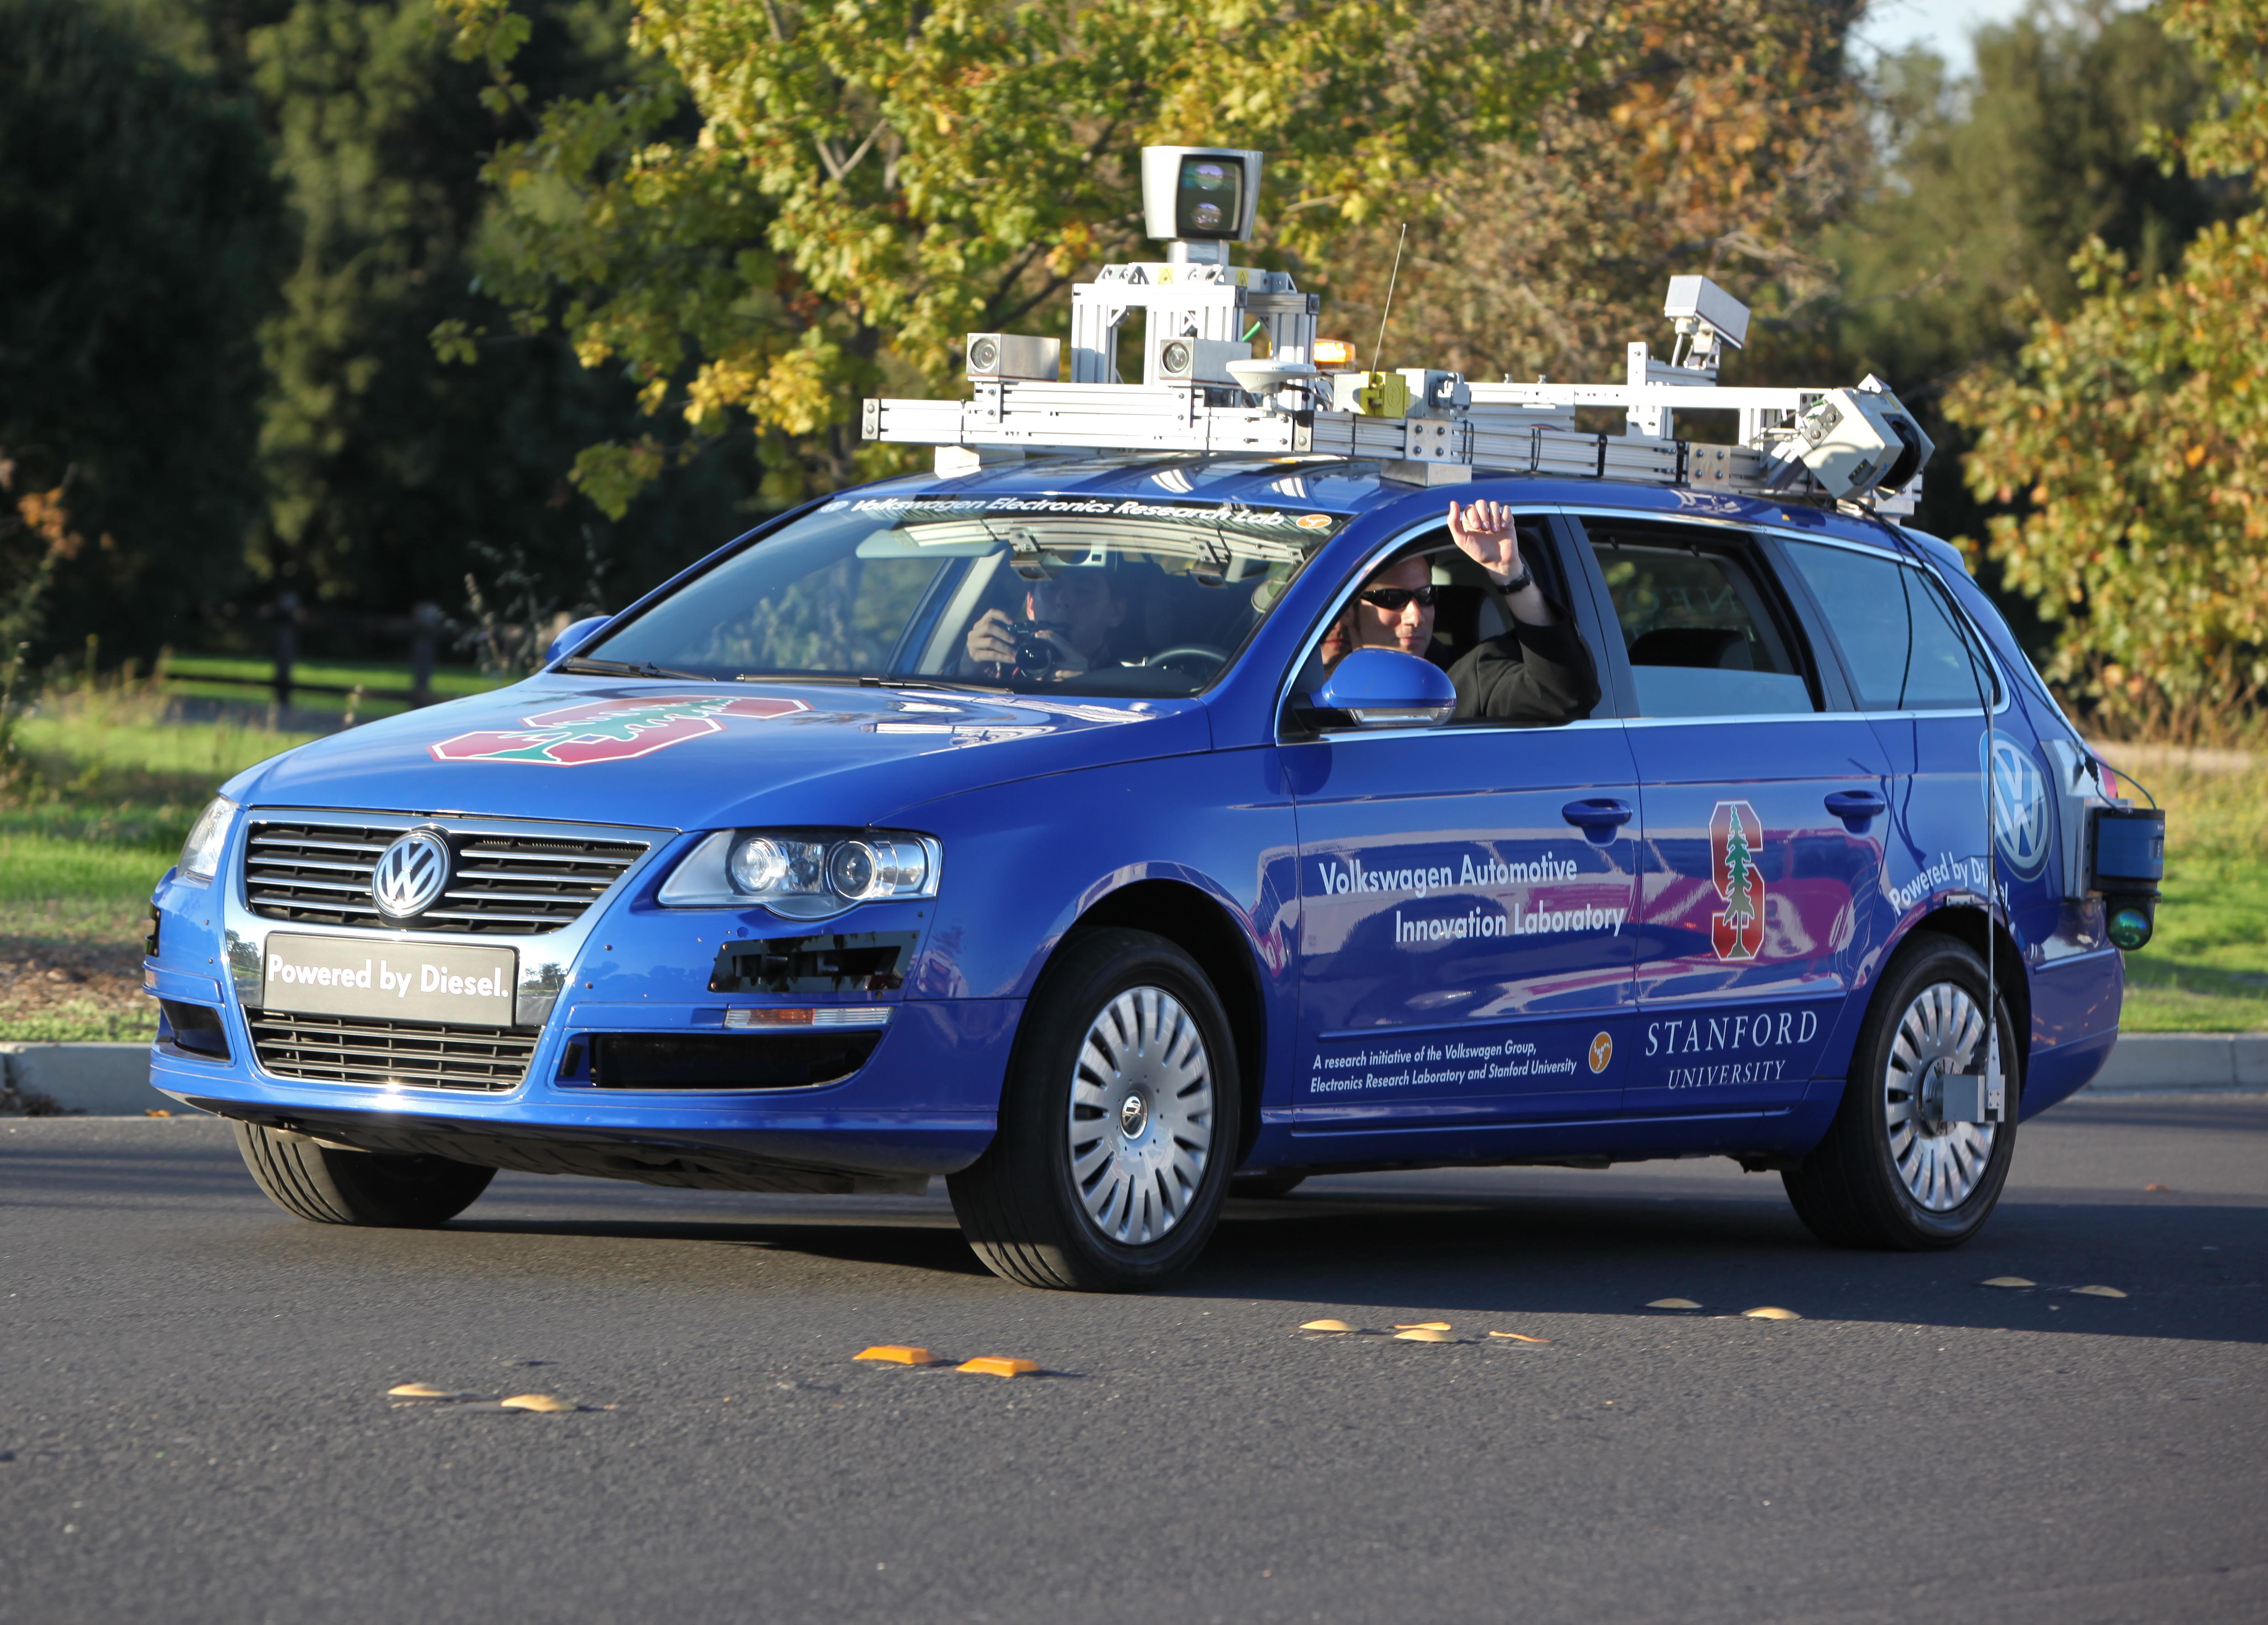 Wie ist es um die IT-Sicherheit solcher Fahrzeuge bestellt?